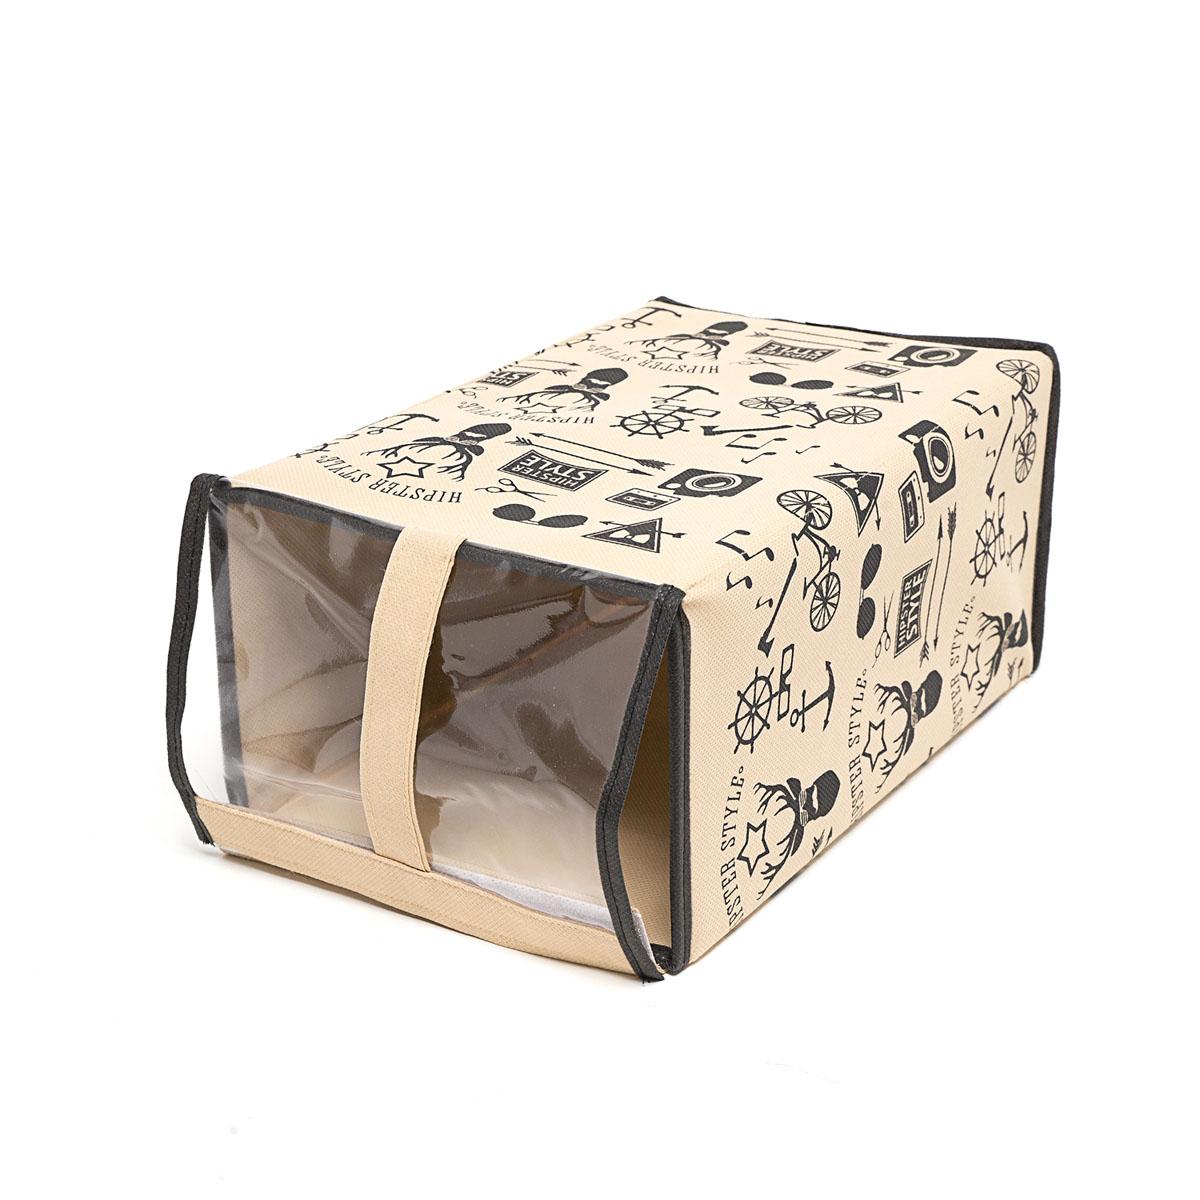 Кофр для хранения обуви Homsu Hipster Style, 33 х 22 х 16 смHOM-118Кофр Homsu Hipster Style изготовлен из высококачественного нетканого материала с фирменным орнаментом, который позволяет сохранять естественную вентиляцию, а воздуху свободно проникать внутрь, не пропуская пыль. Благодаря специальной картонной вставке, кофр прекрасно держит форму, а эстетичный дизайн гармонично смотрится в любом интерьере. Изделие идеально подходит для хранения обуви. Мобильность конструкции обеспечивает складывание и раскладывание одним движением. Кофр Homsu Hipster Style - это новый взгляд на систему хранения - теперь хранить вещи не только удобно, но и красиво. Прозрачная вставкаиз ПВХ позволяет видеть содержимое.Размер кофра: 33 х 16 х 22 см.